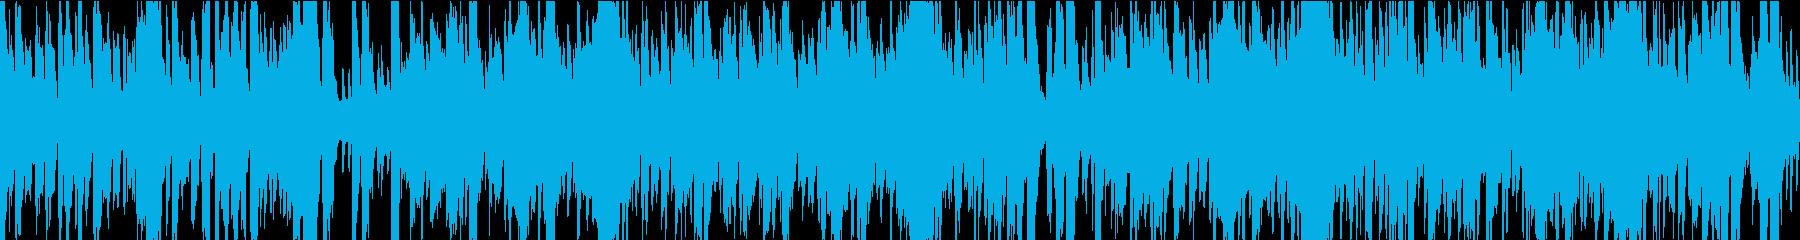 13秒でサビ、おだやか/ループの再生済みの波形